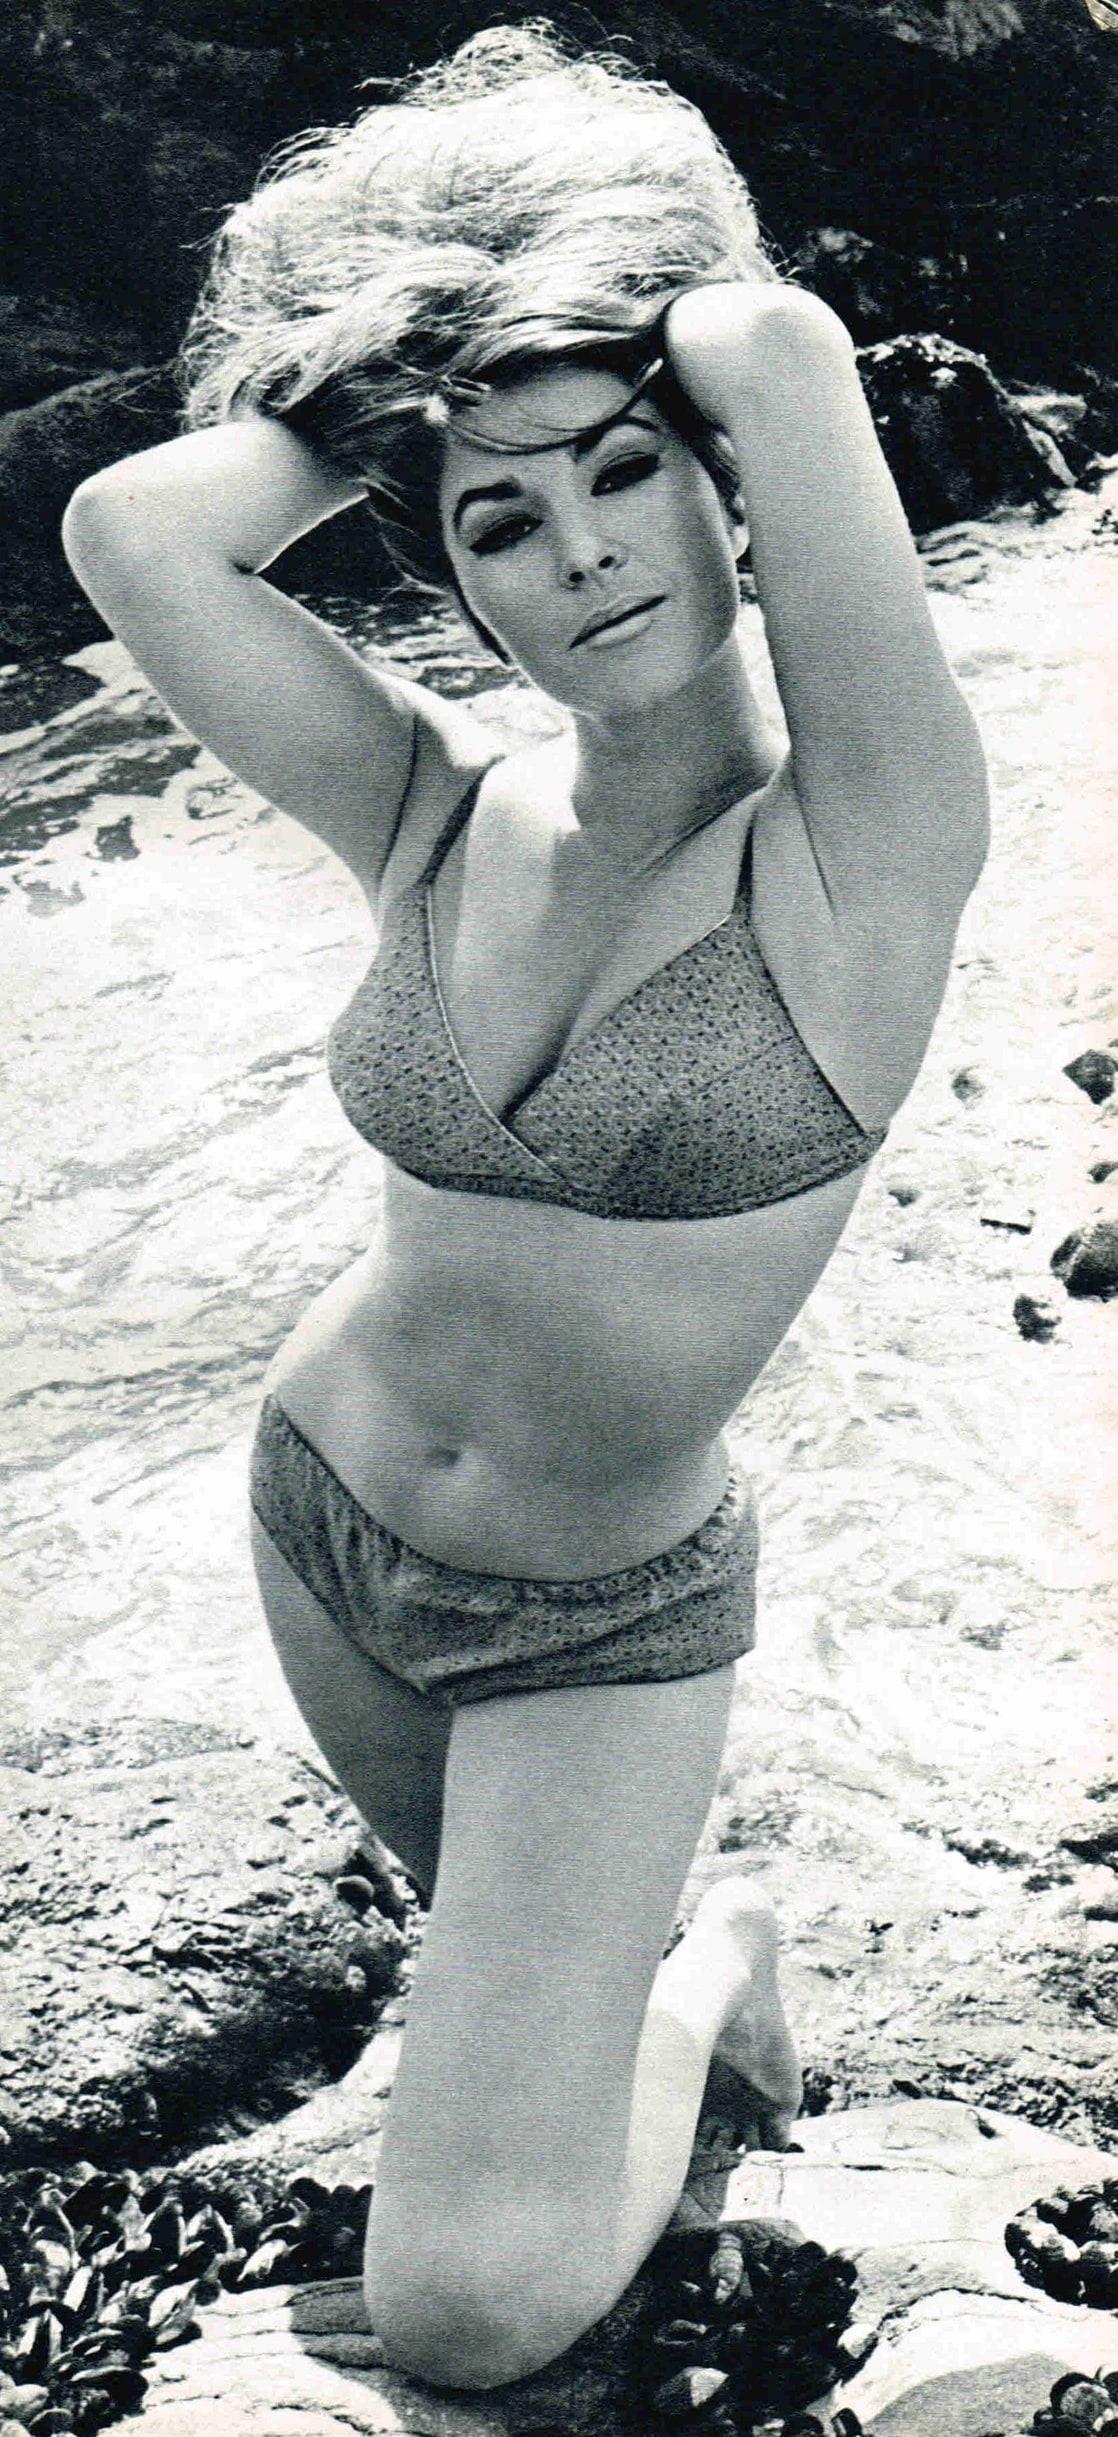 Mary Anderson (actress, born 1897),Anna Lehr Adult pics & movies Shawnee Smith,Rossana Di Lorenzo